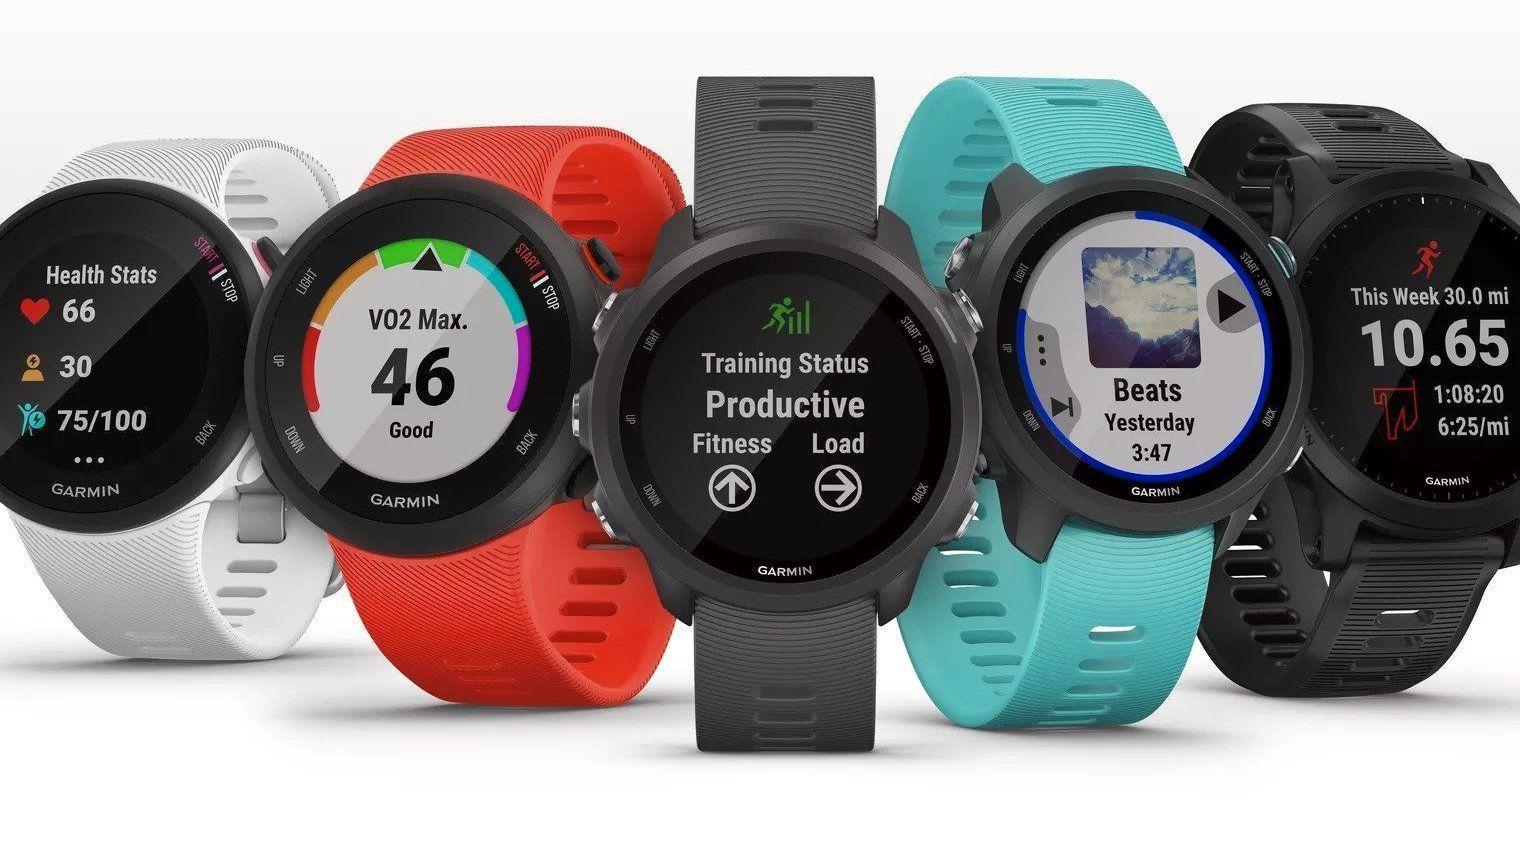 Garmin Connect-tjenesten som brukes for å synkronisere klokkene fra selskapet er nede, og det er visstnok resten av selskapet også - inkludert fabrikker og kundeservice.